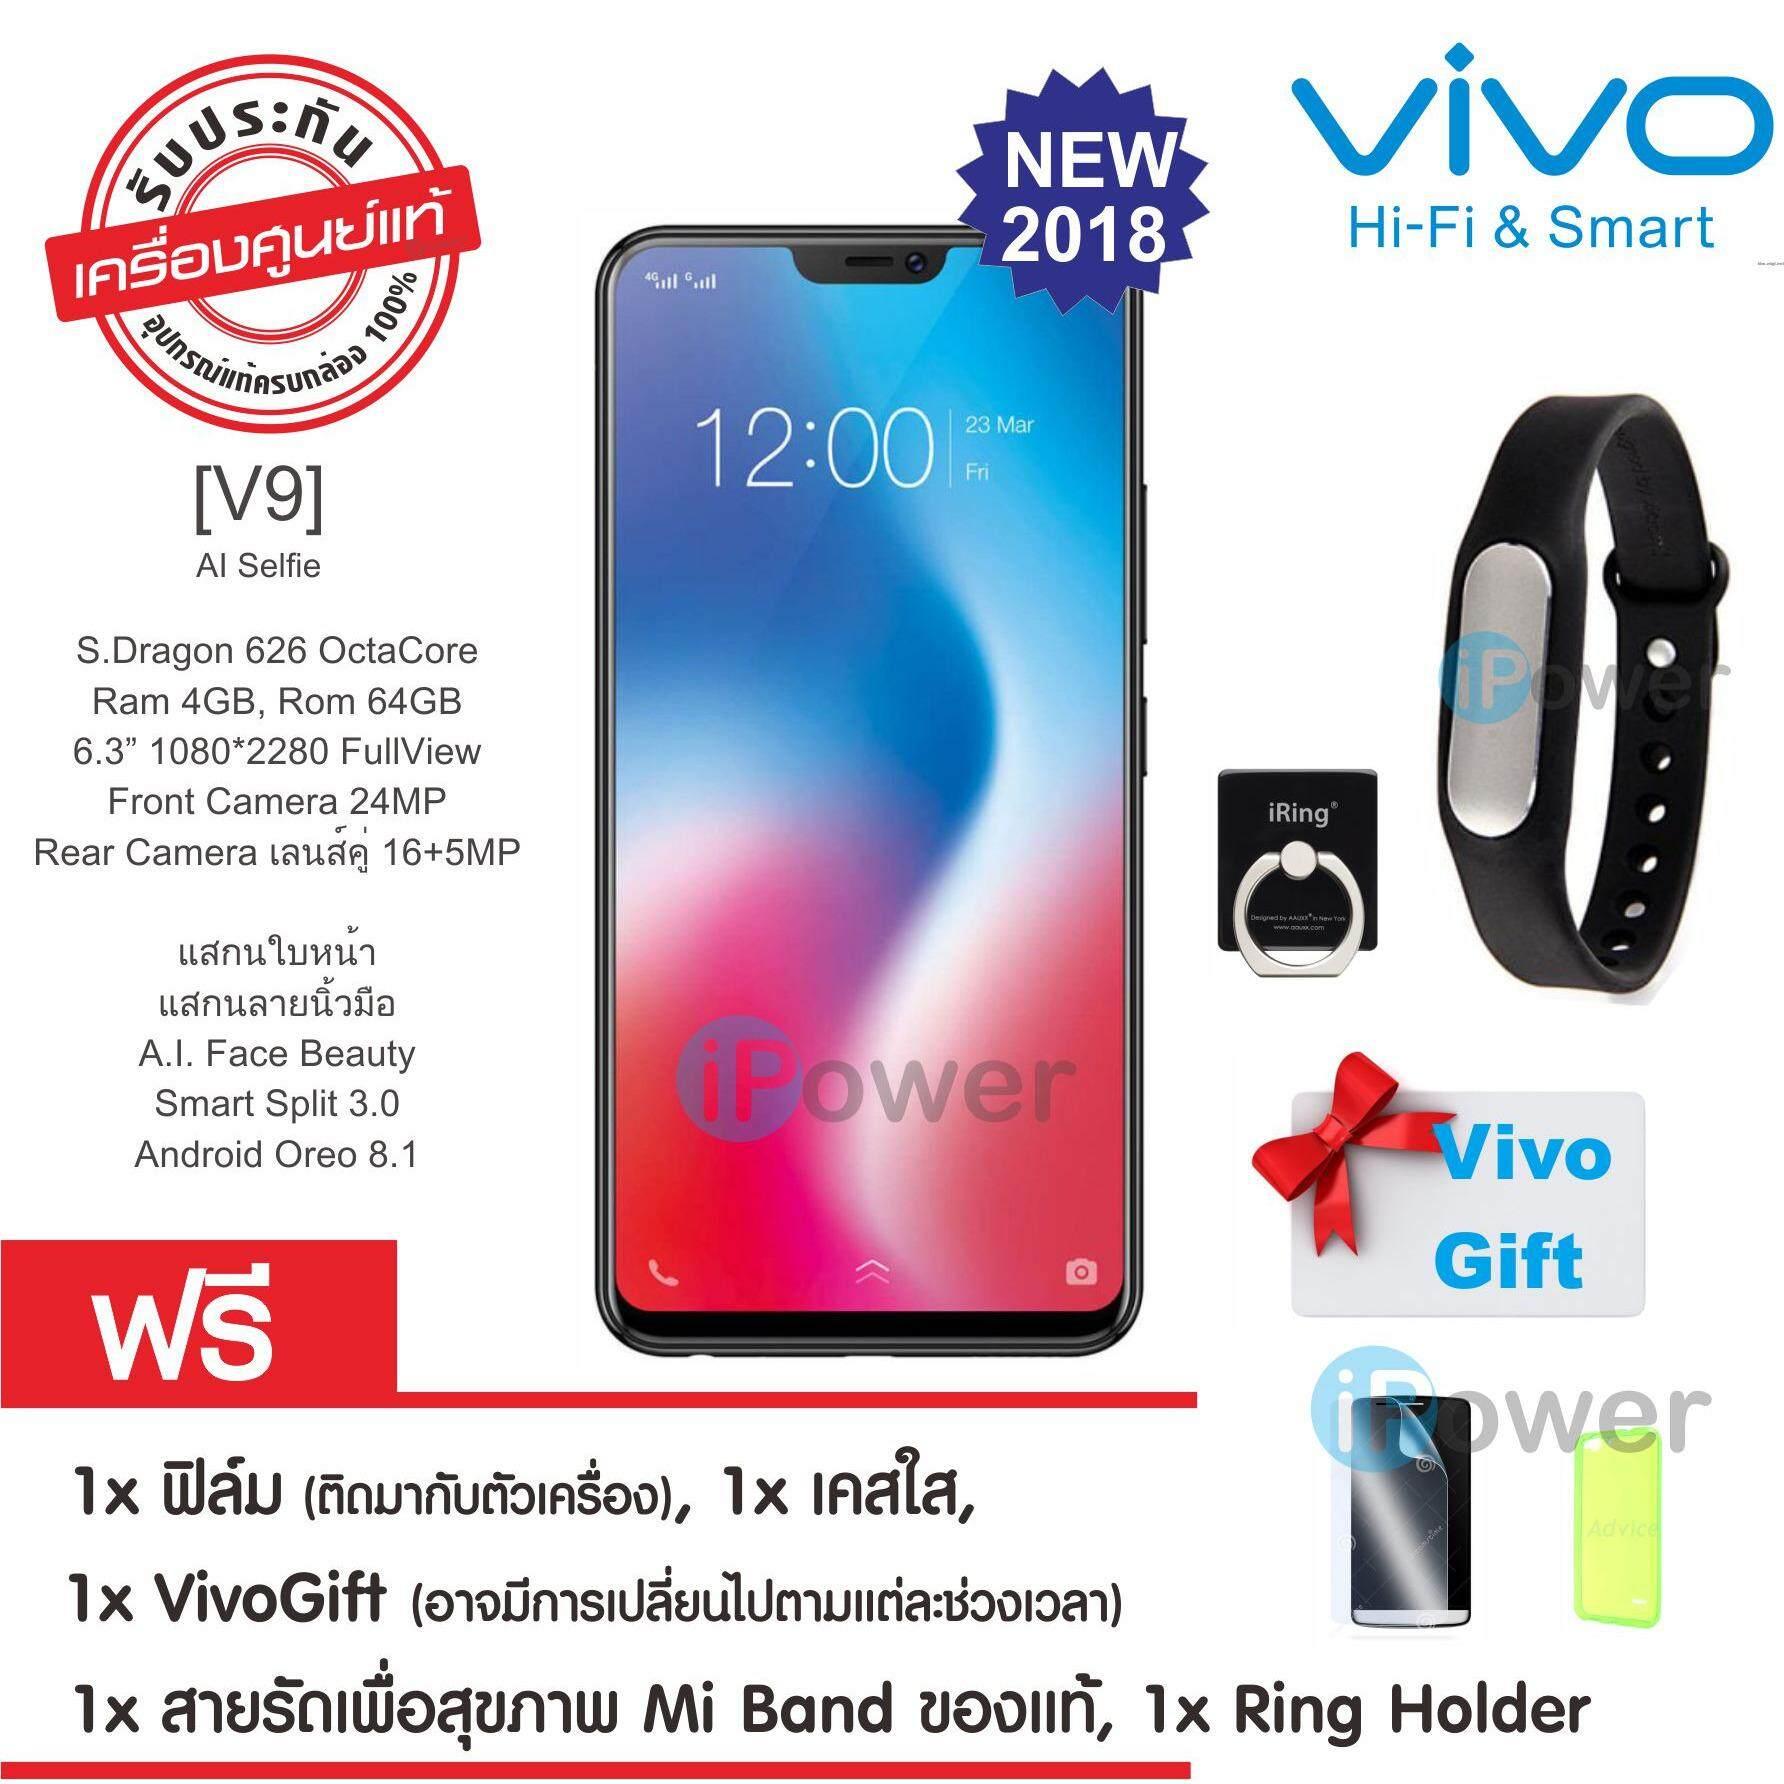 Vivo V9 (Black) จอ 6.3นิ้ว เครื่องใหม่ เครื่องแท้ รับประกันศูนย์ แถมฟรีฟิล์มกันกระแทก+เคสใส+Vivo Gift(อาจมีการเปลี่ยนแปลงไปตามแต่ละช่วงเวลา)+สายรัดเพื่อสุขภาพ MI Brand ของแท้+Ring Holder (แหวนติดโทรศัพท์)